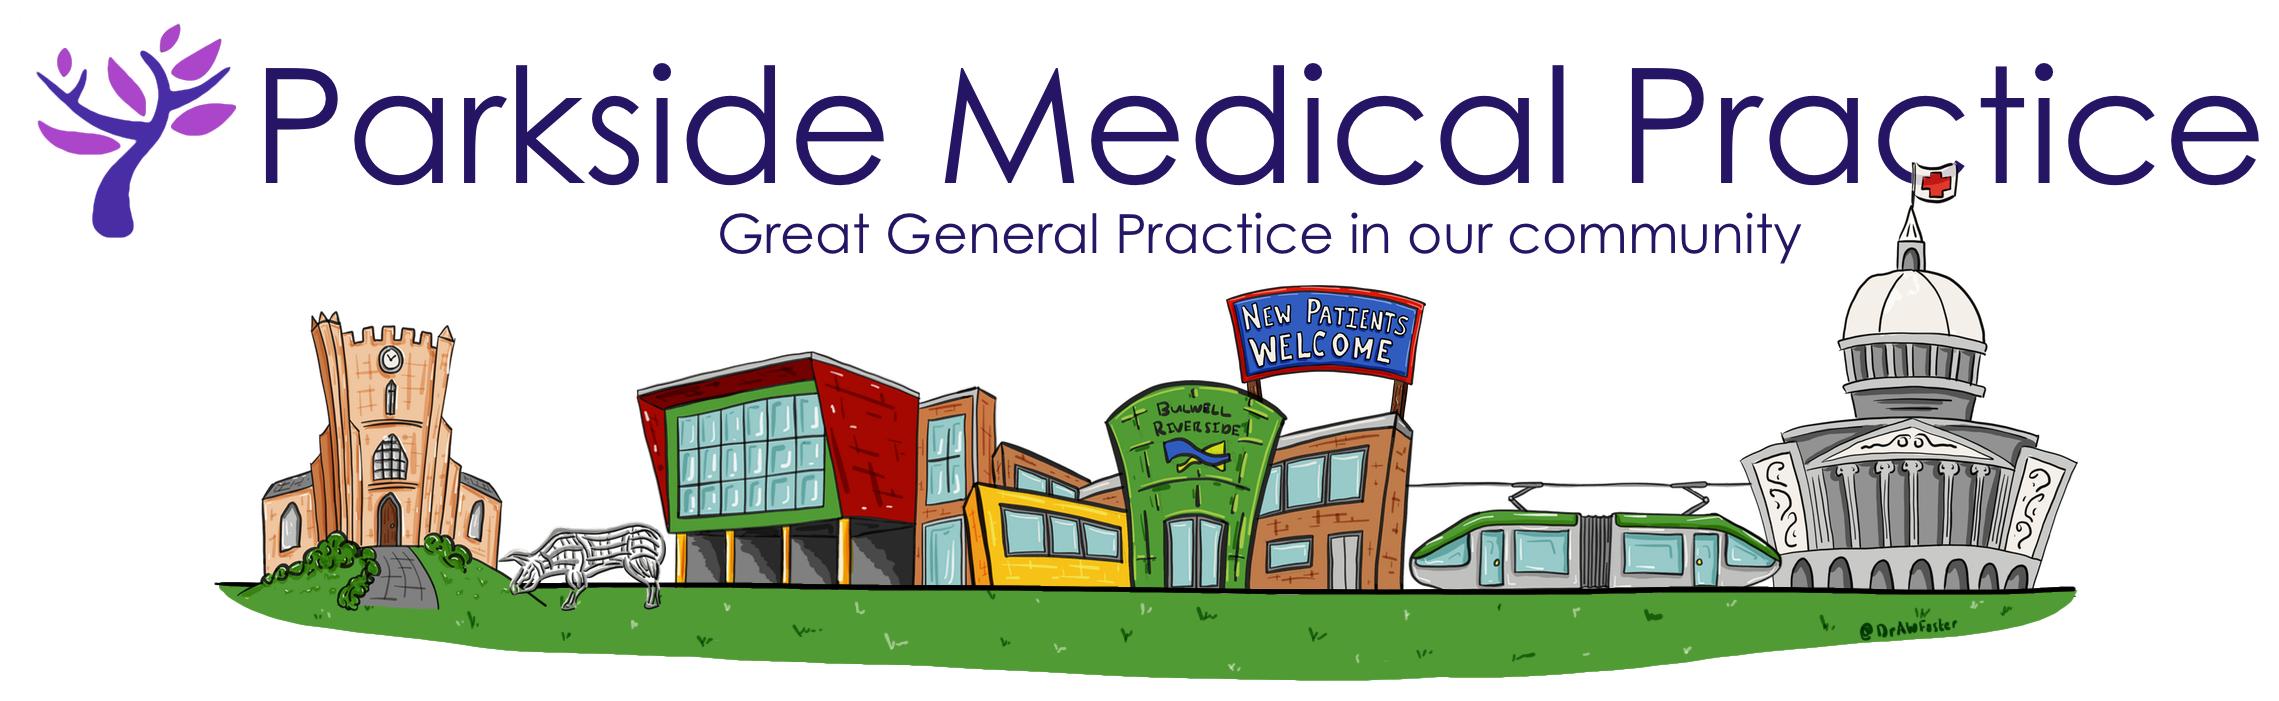 Parkside Medical Practice